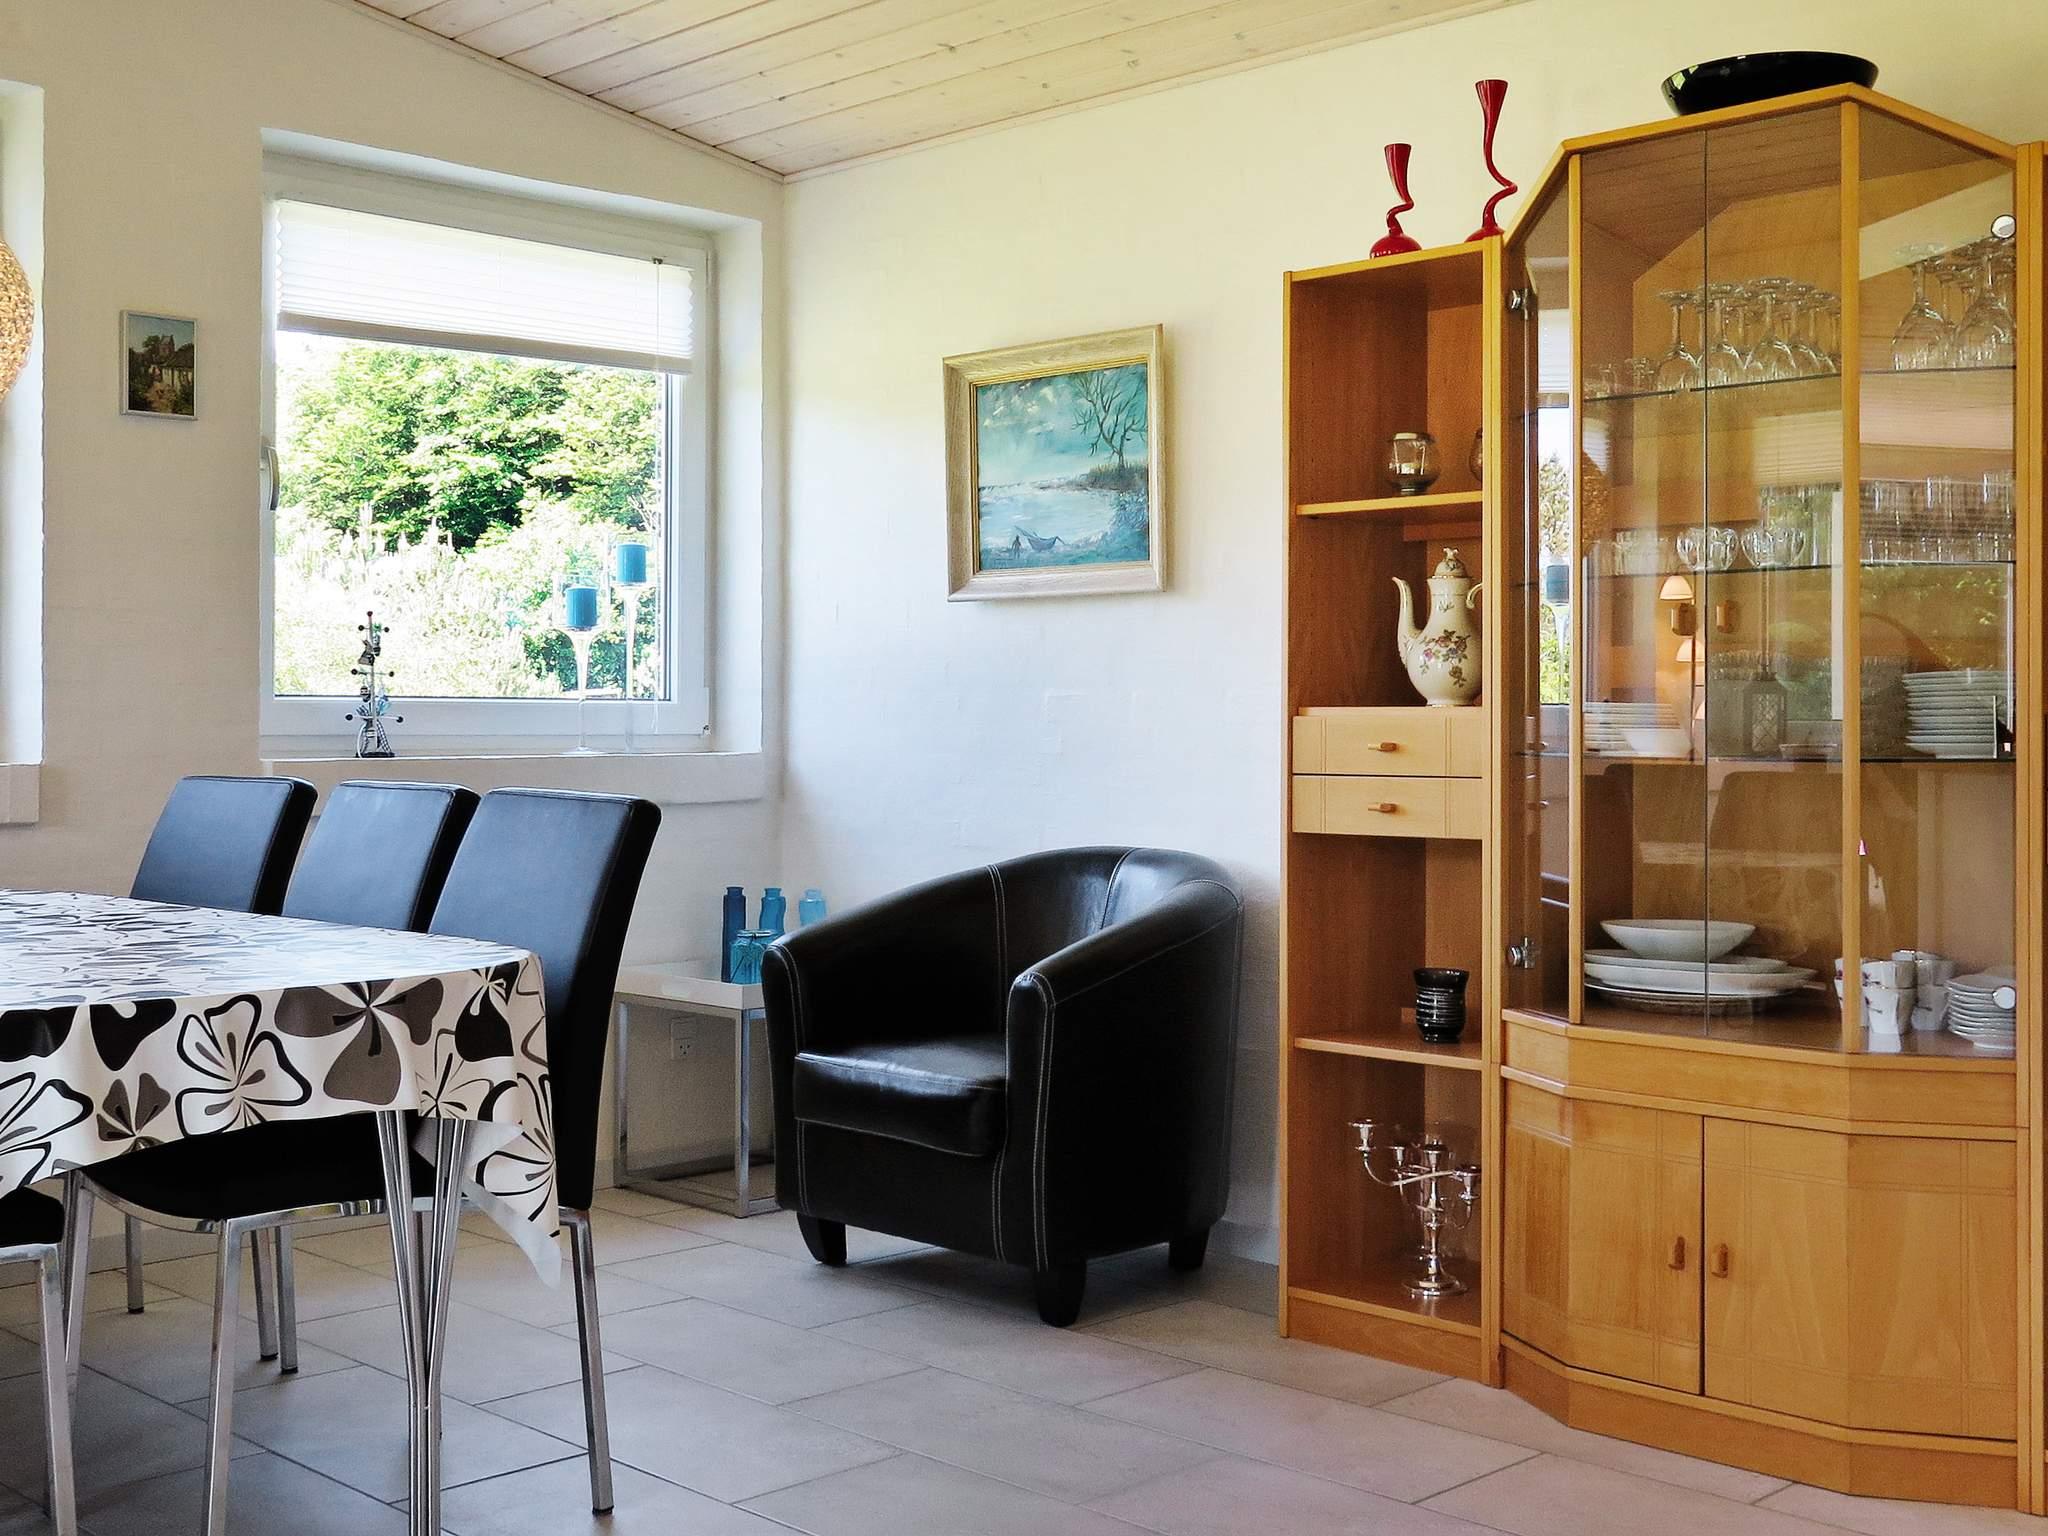 Ferienhaus Toftum Bjerge (84222), Struer, , Limfjord, Dänemark, Bild 7